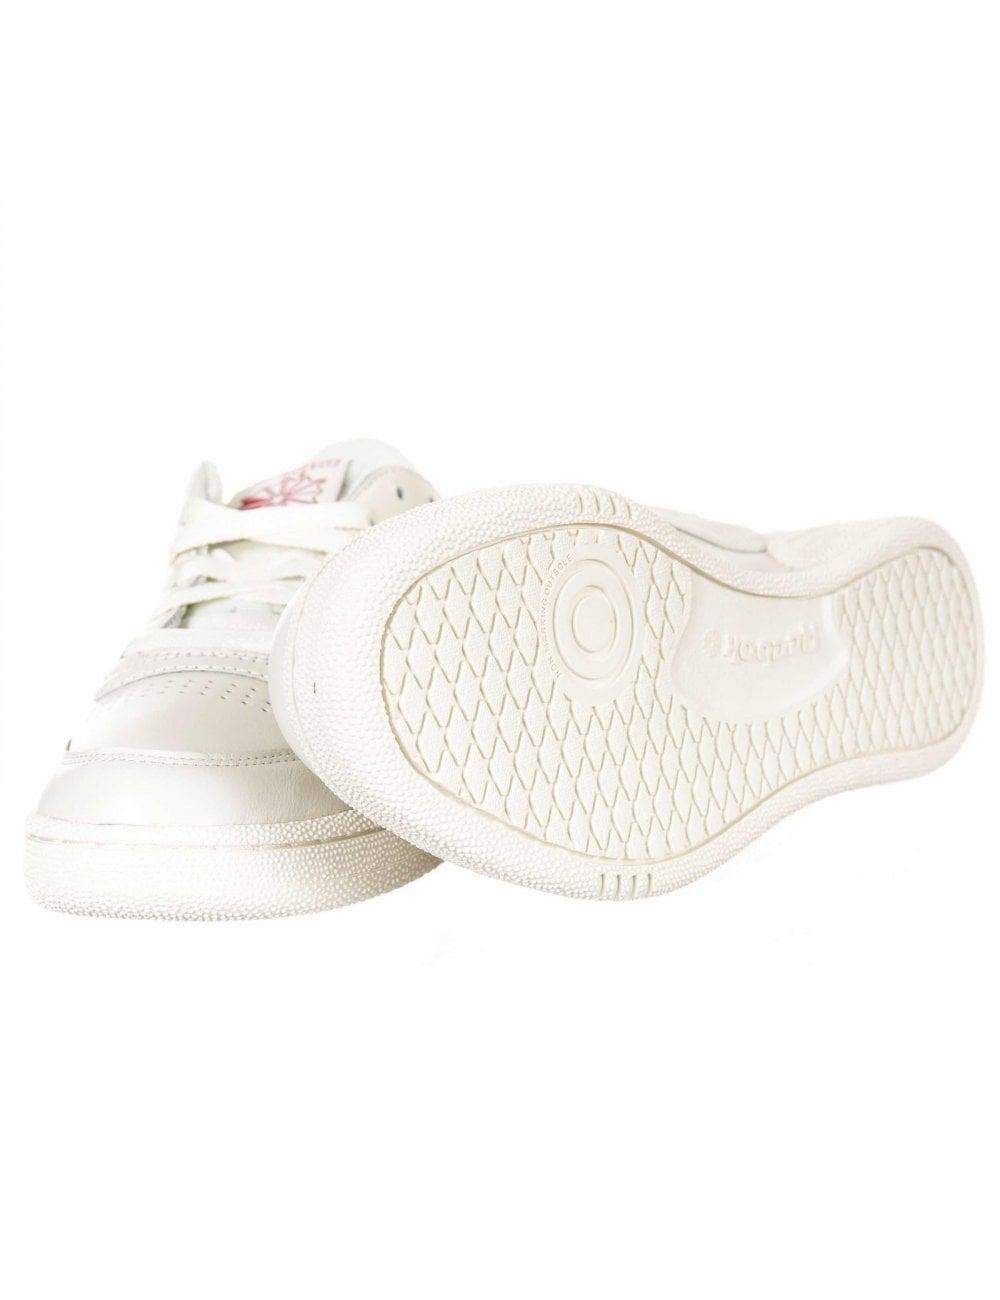 91801d2fc7b Reebok Club C 85 Mu Trainers - Chalk Meteor Red - Footwear from Fat ...